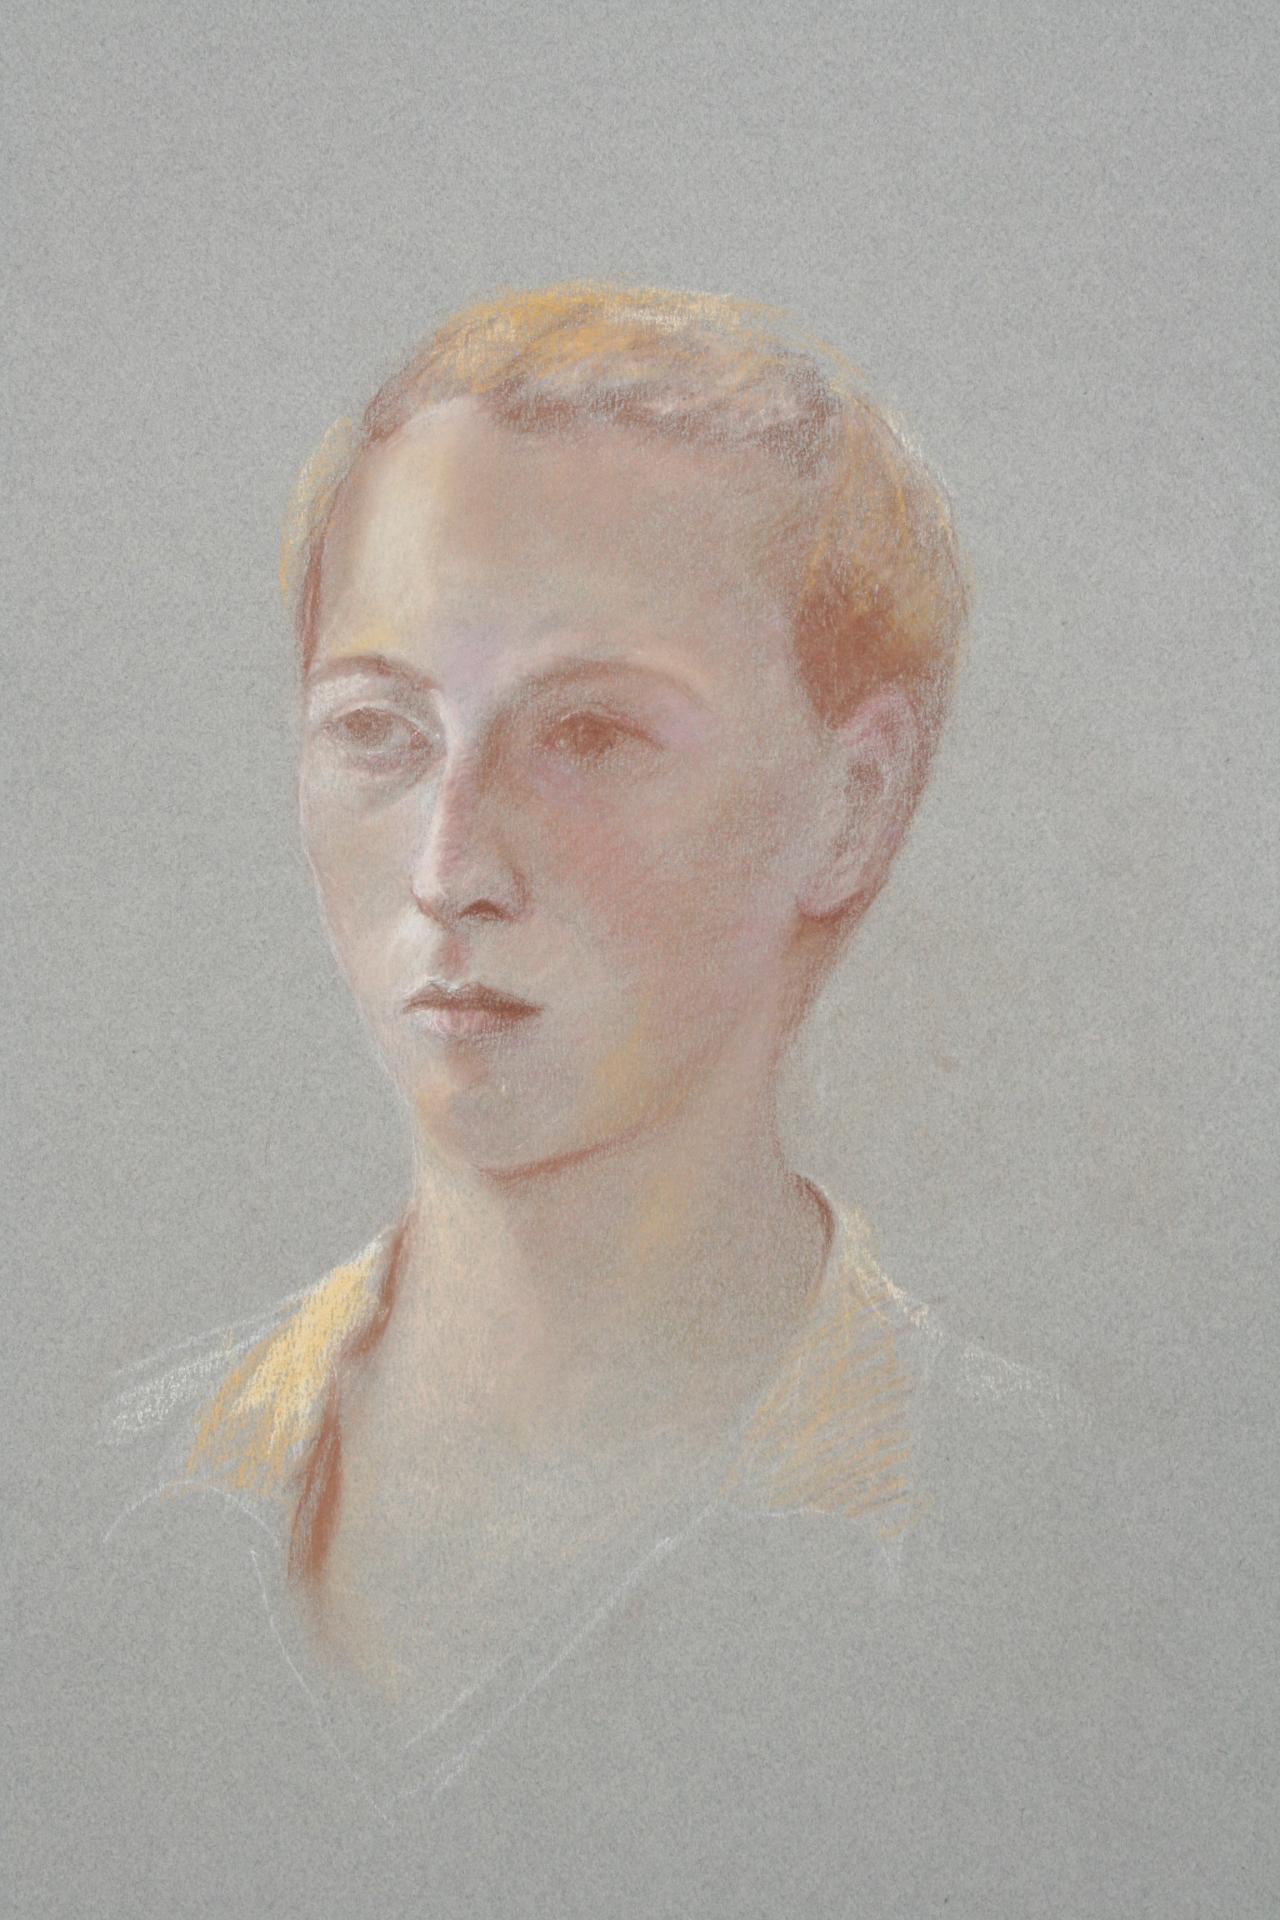 Estudis pertrèits - Études portraits